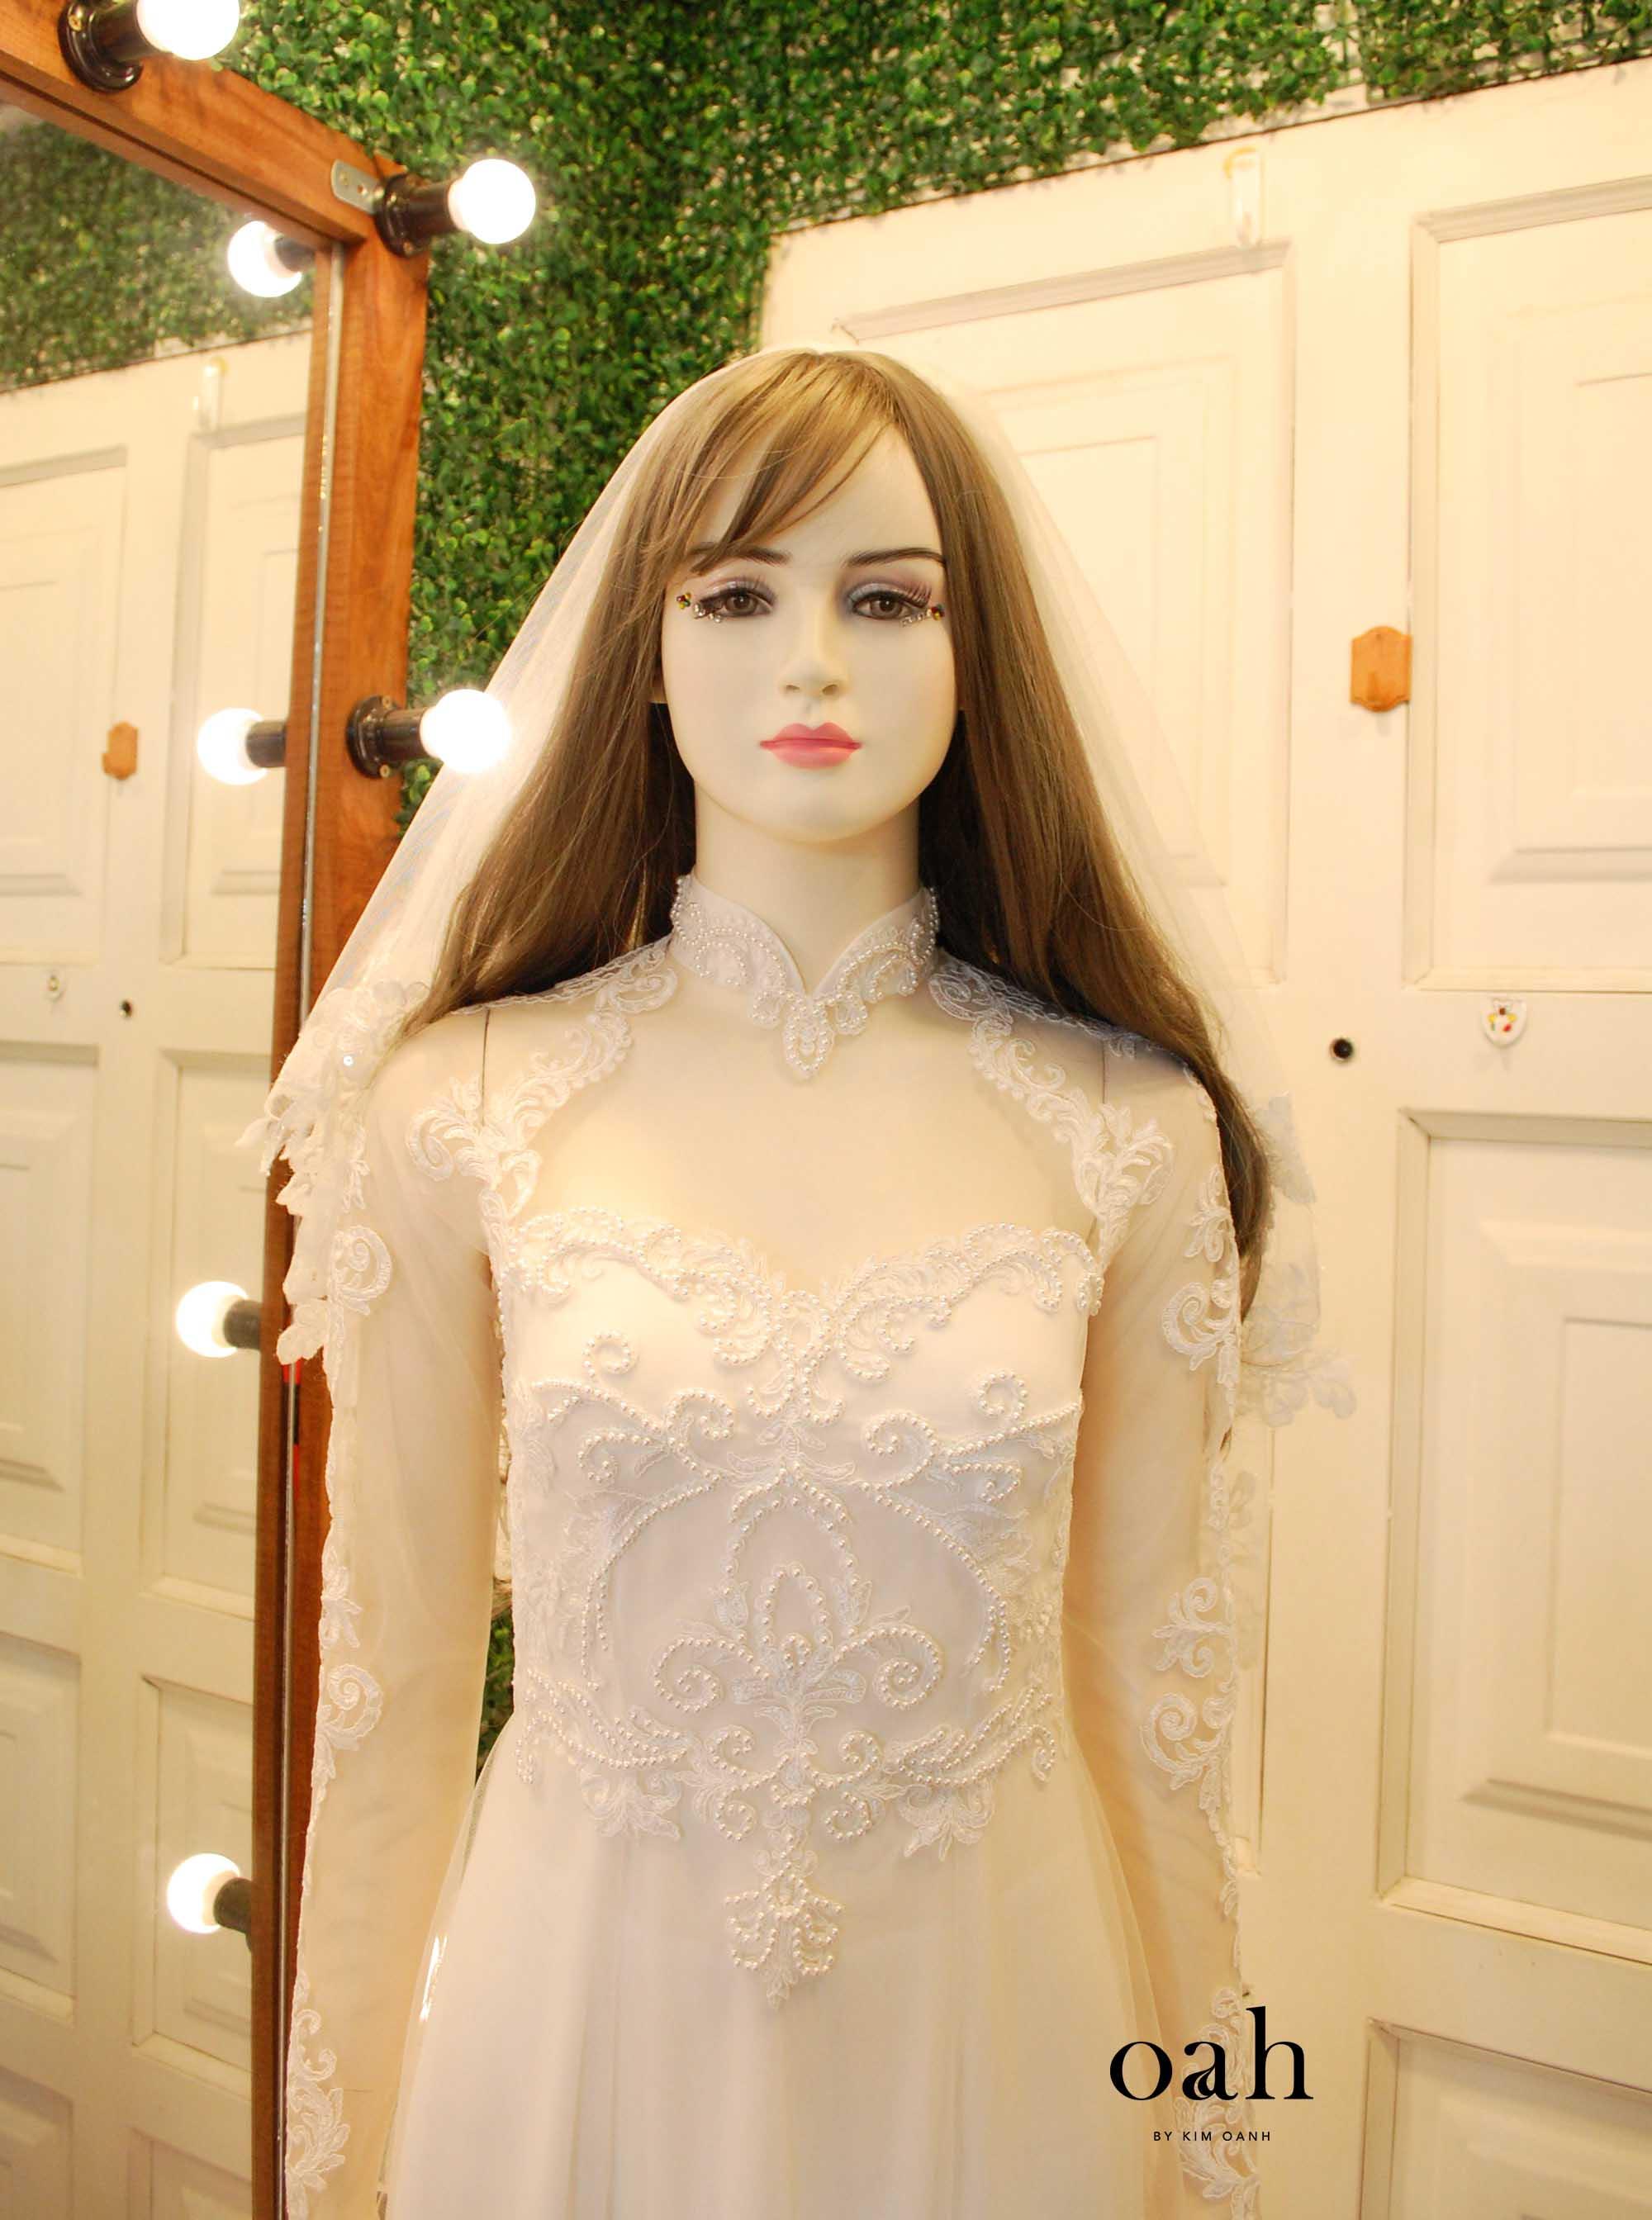 Bật Mí Top 7 Cửa Hàng Áo Dài Cưới Đà Nẵng Xinh Lung Linh